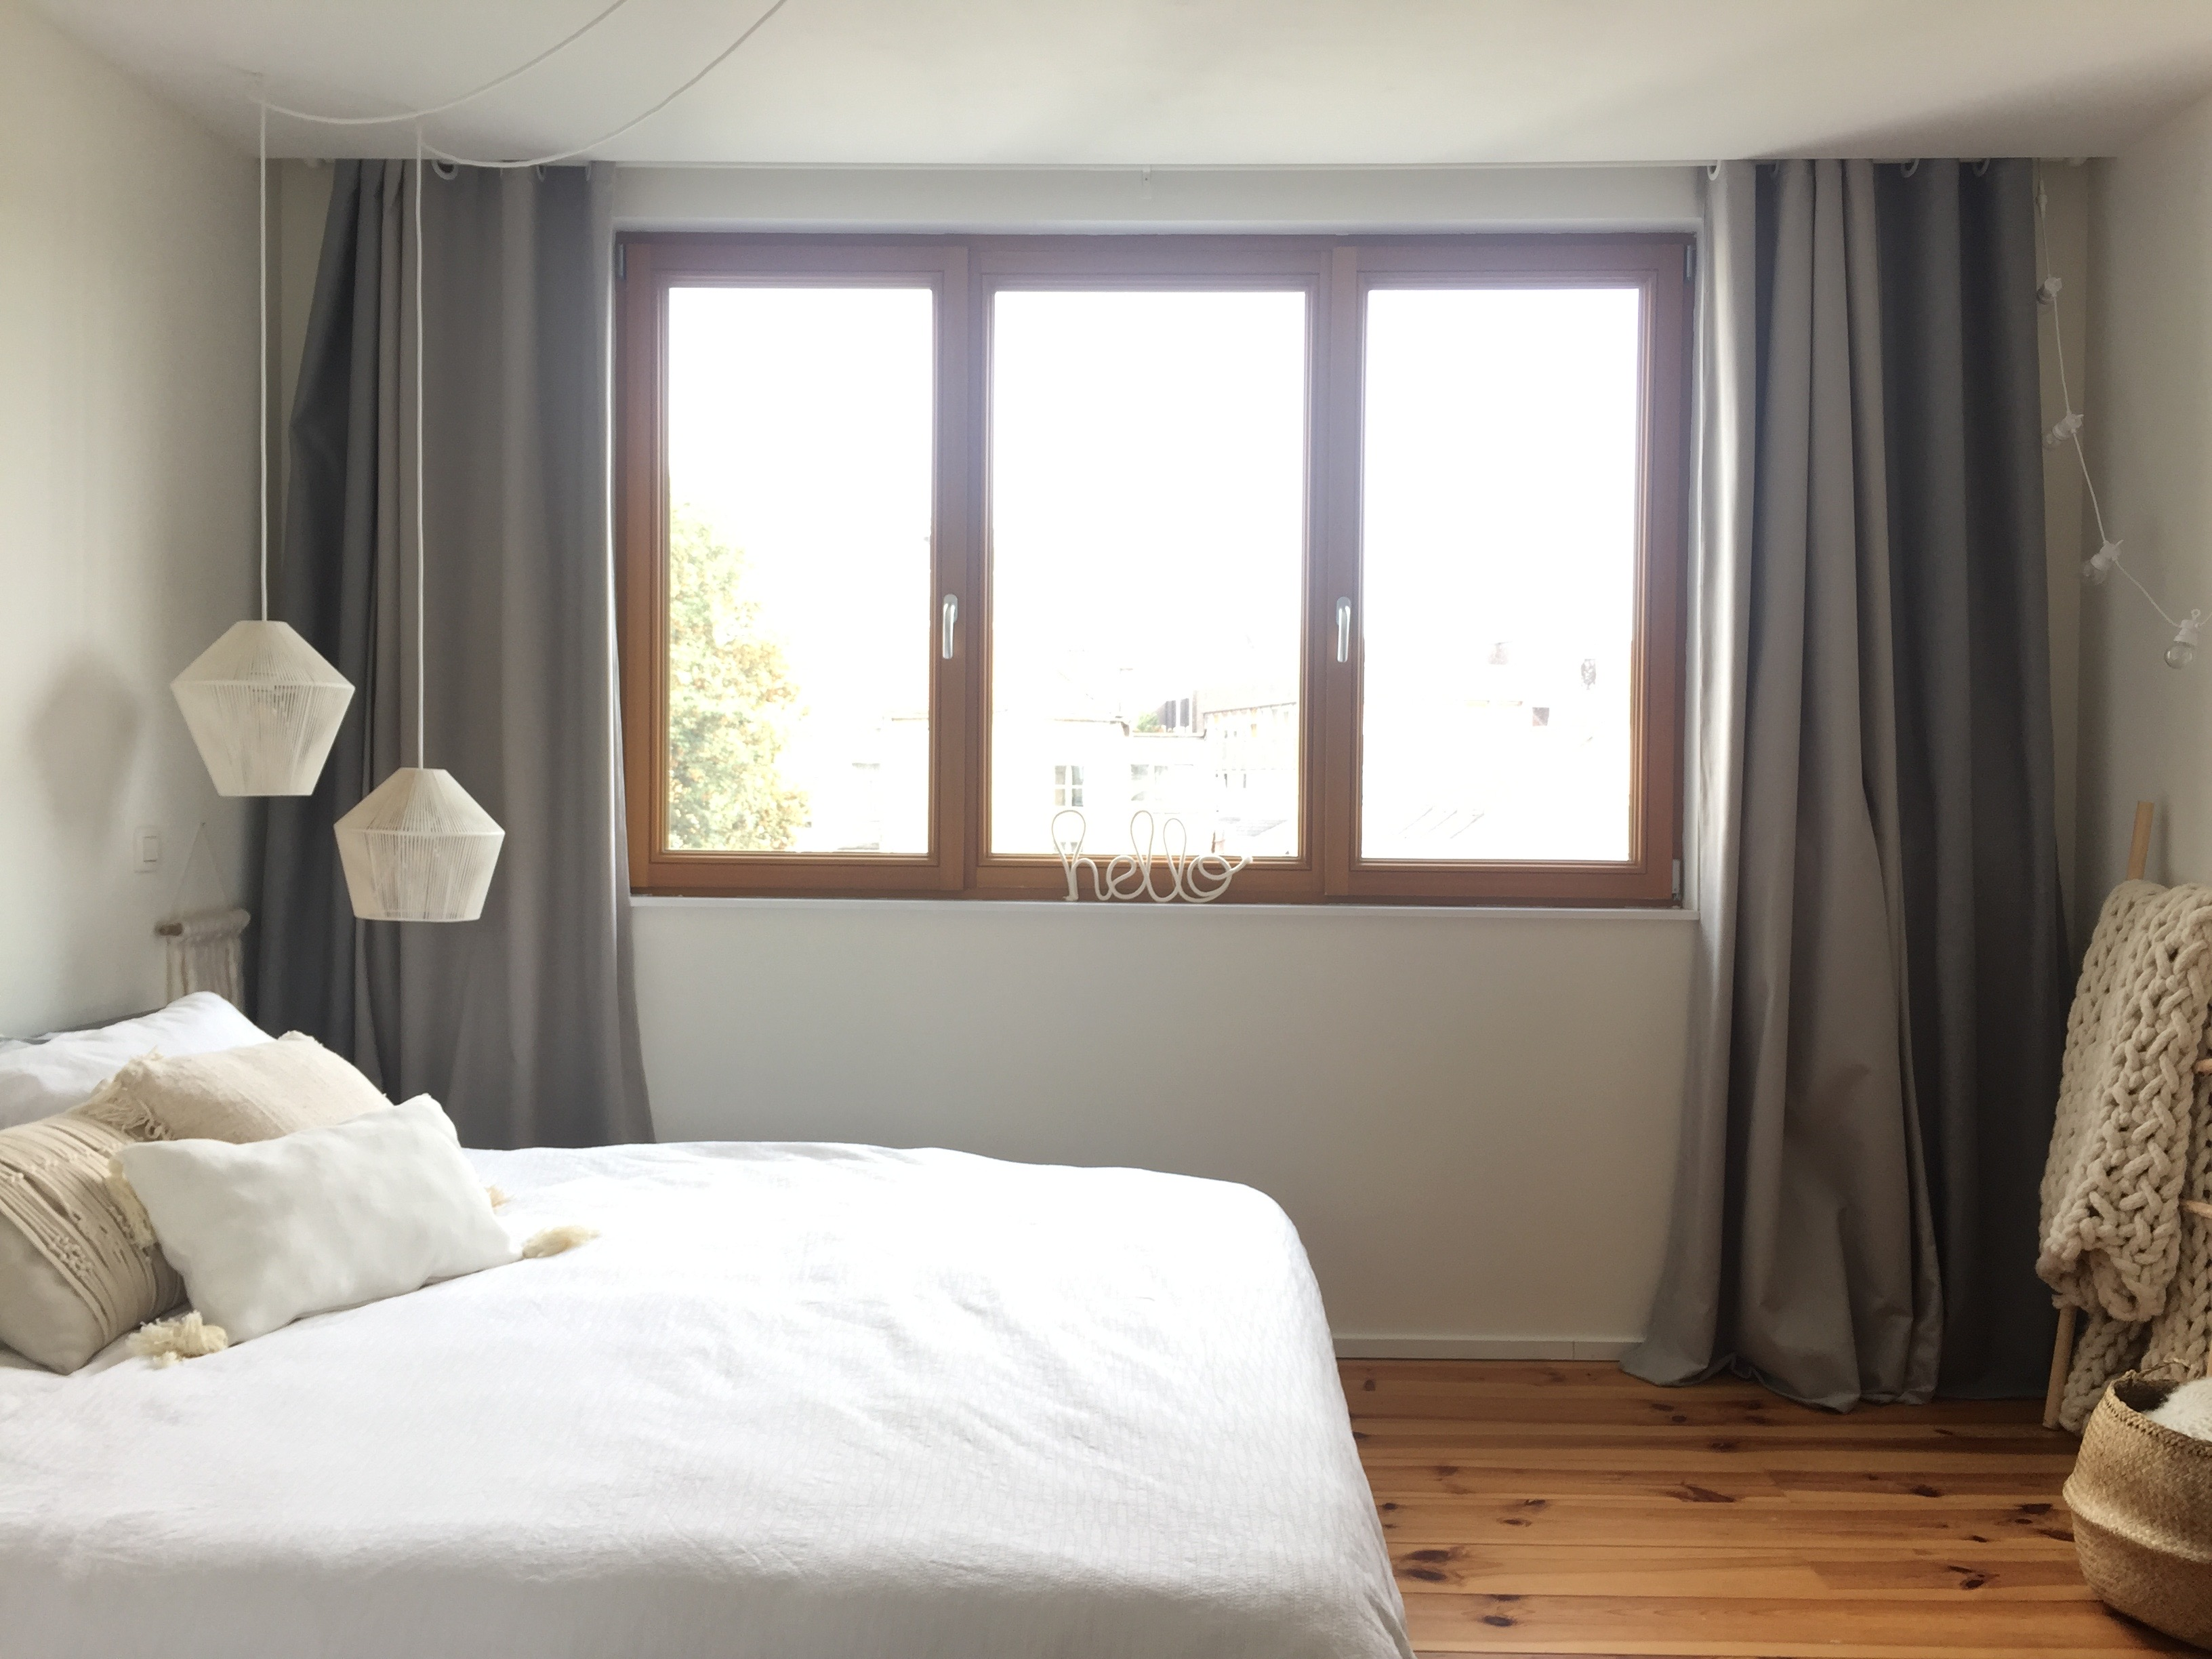 pierre-papier-ciseaux-rideaux-chambre-heytens-avant5